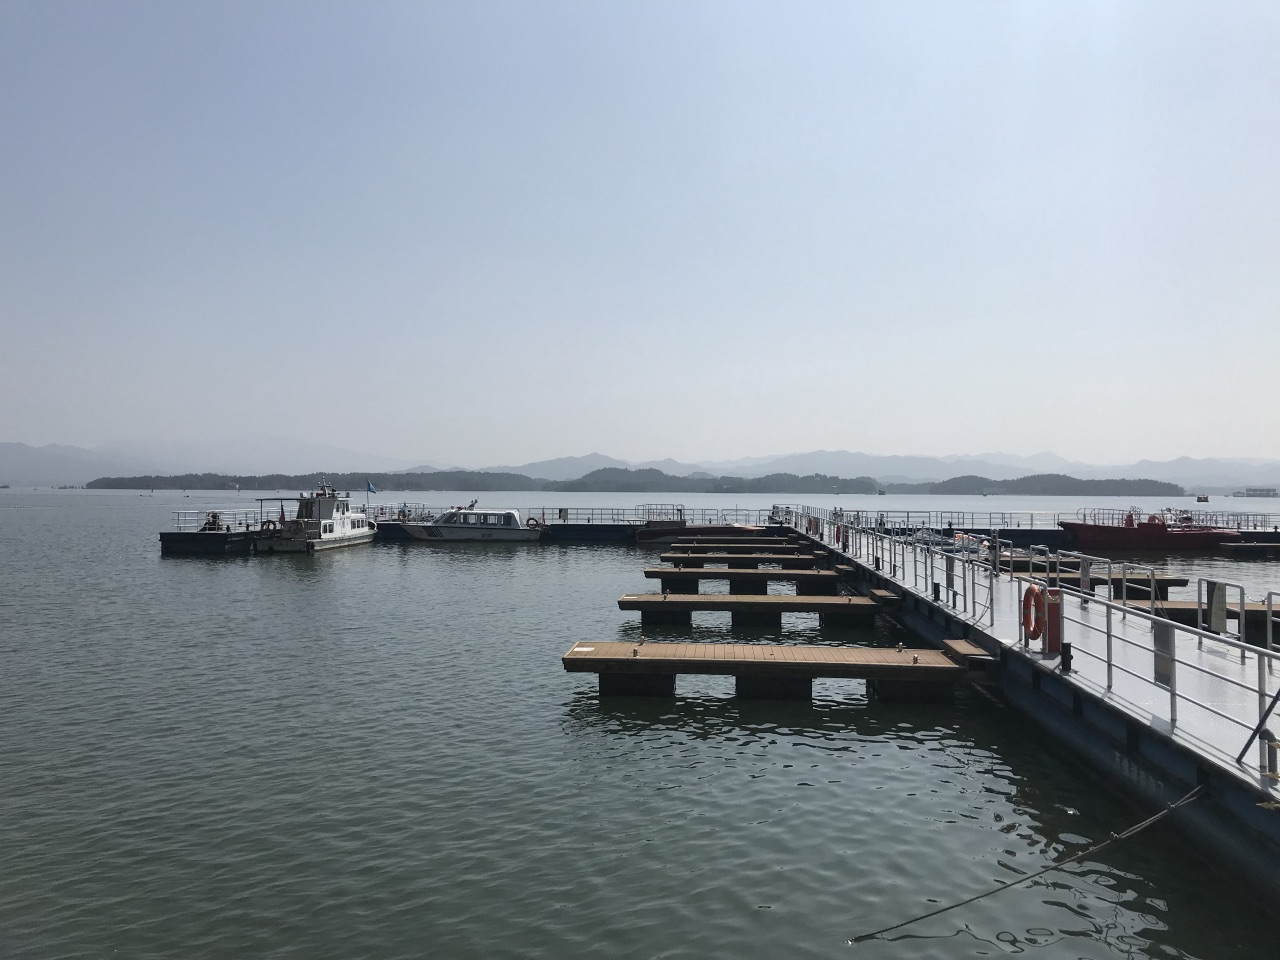 【攜程攻略】舒城萬佛湖風景區好玩嗎,舒城萬佛湖風景